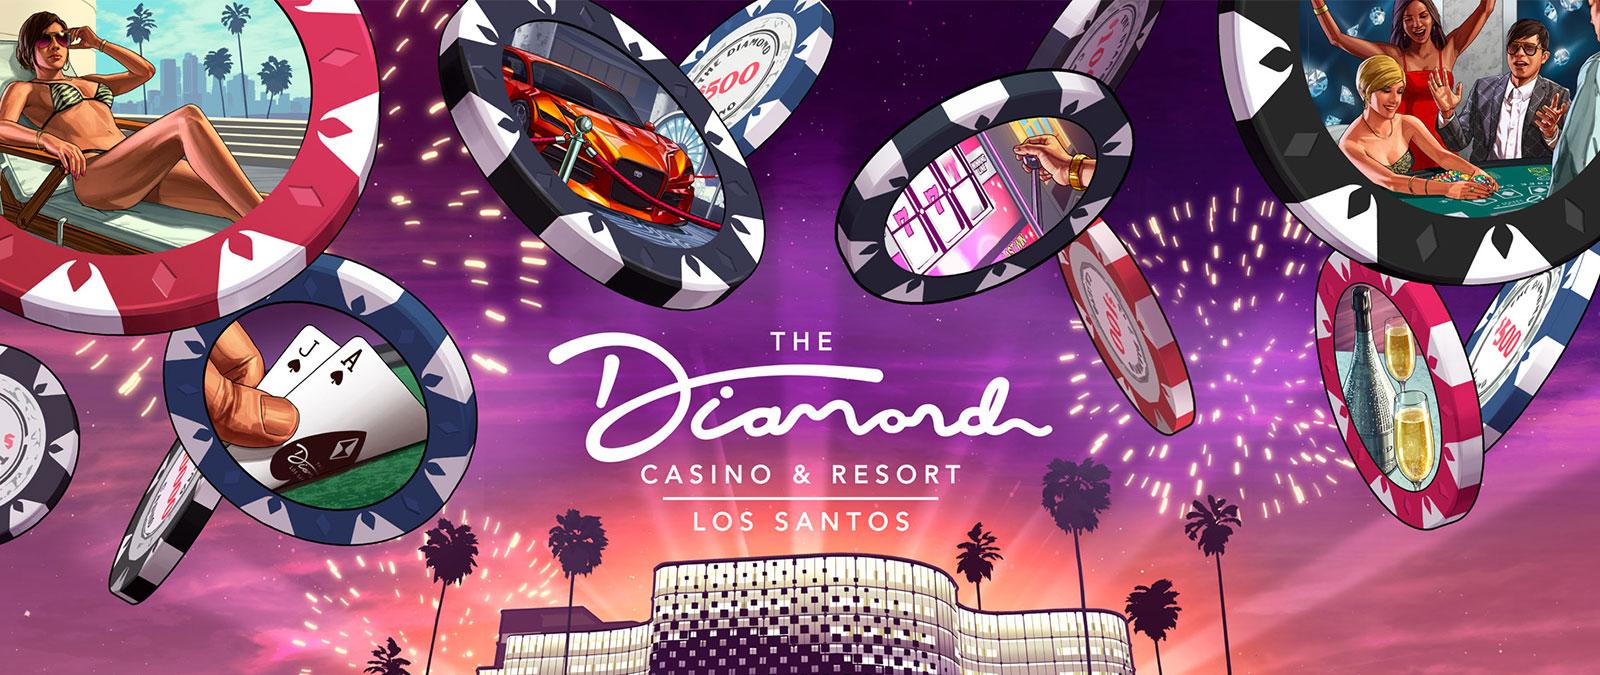 Het Diamond Casino & Resort, Los Santos-logo, vooraanzicht van een gebouw met palmbomen, vuurwerk en vallende casinofiches met diverse beeltenissen erop